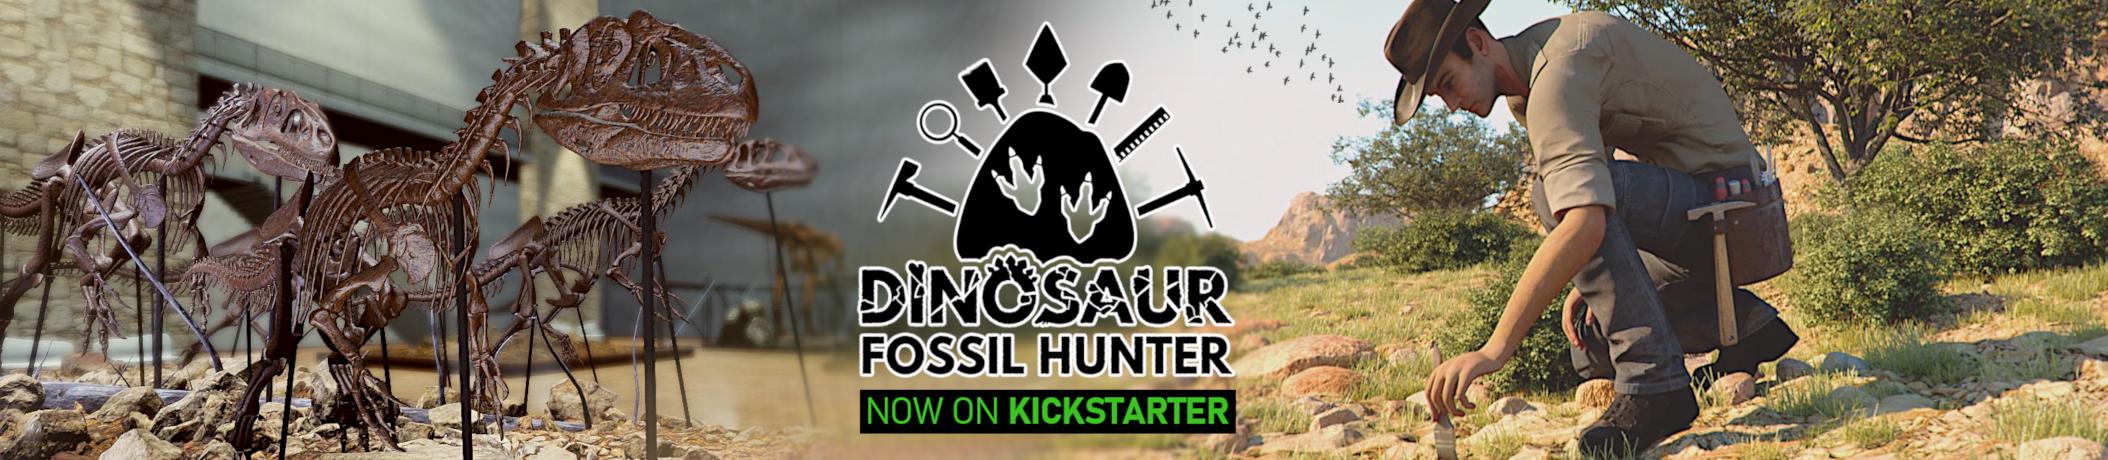 dinosaur fossil hunter spotlight 1